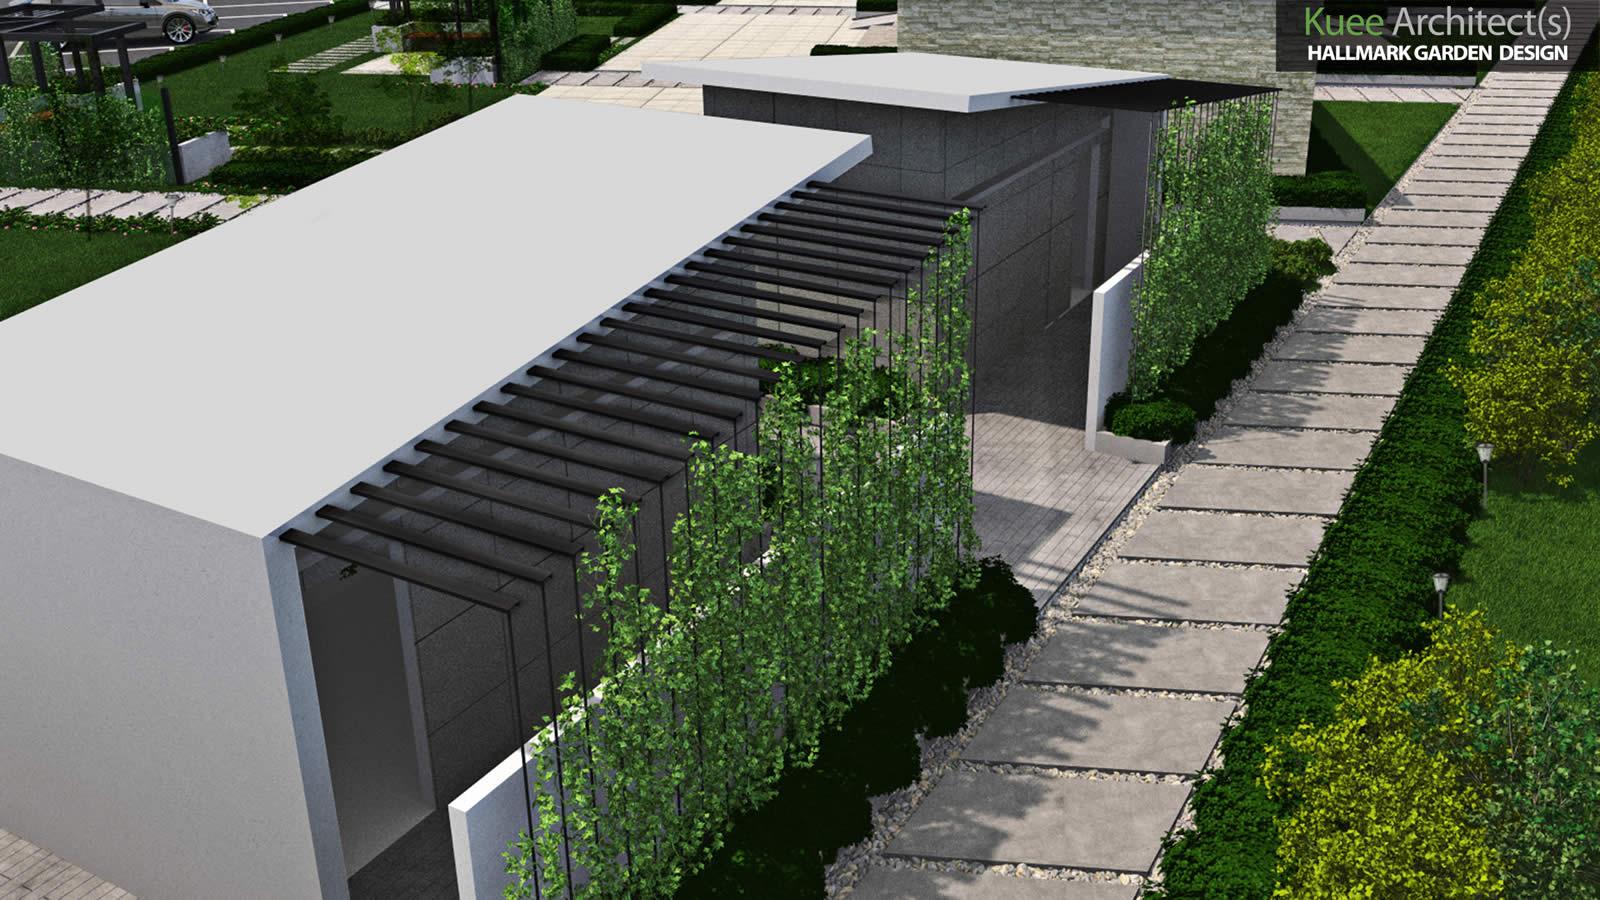 Modern Columbarium Design for Hallmark Garden Malaysia